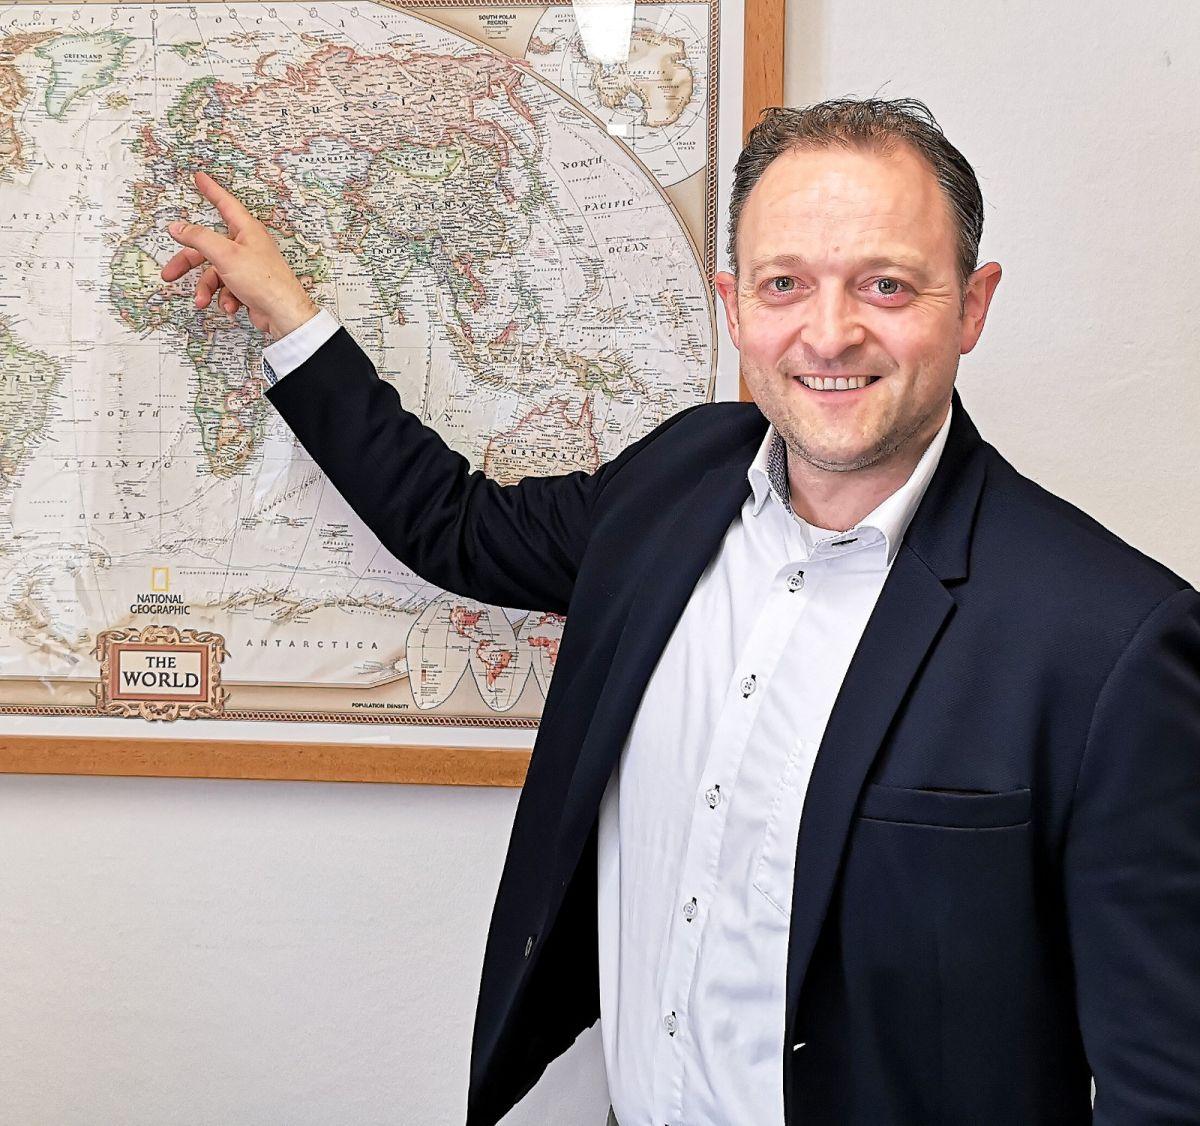 """Meinrad Höfferer EU Wahl Kandidat - EU-Wahl Kandidat Meinrad Höfferer im Interview: """"Wir müssen als ein geeintes Europa auftreten."""""""